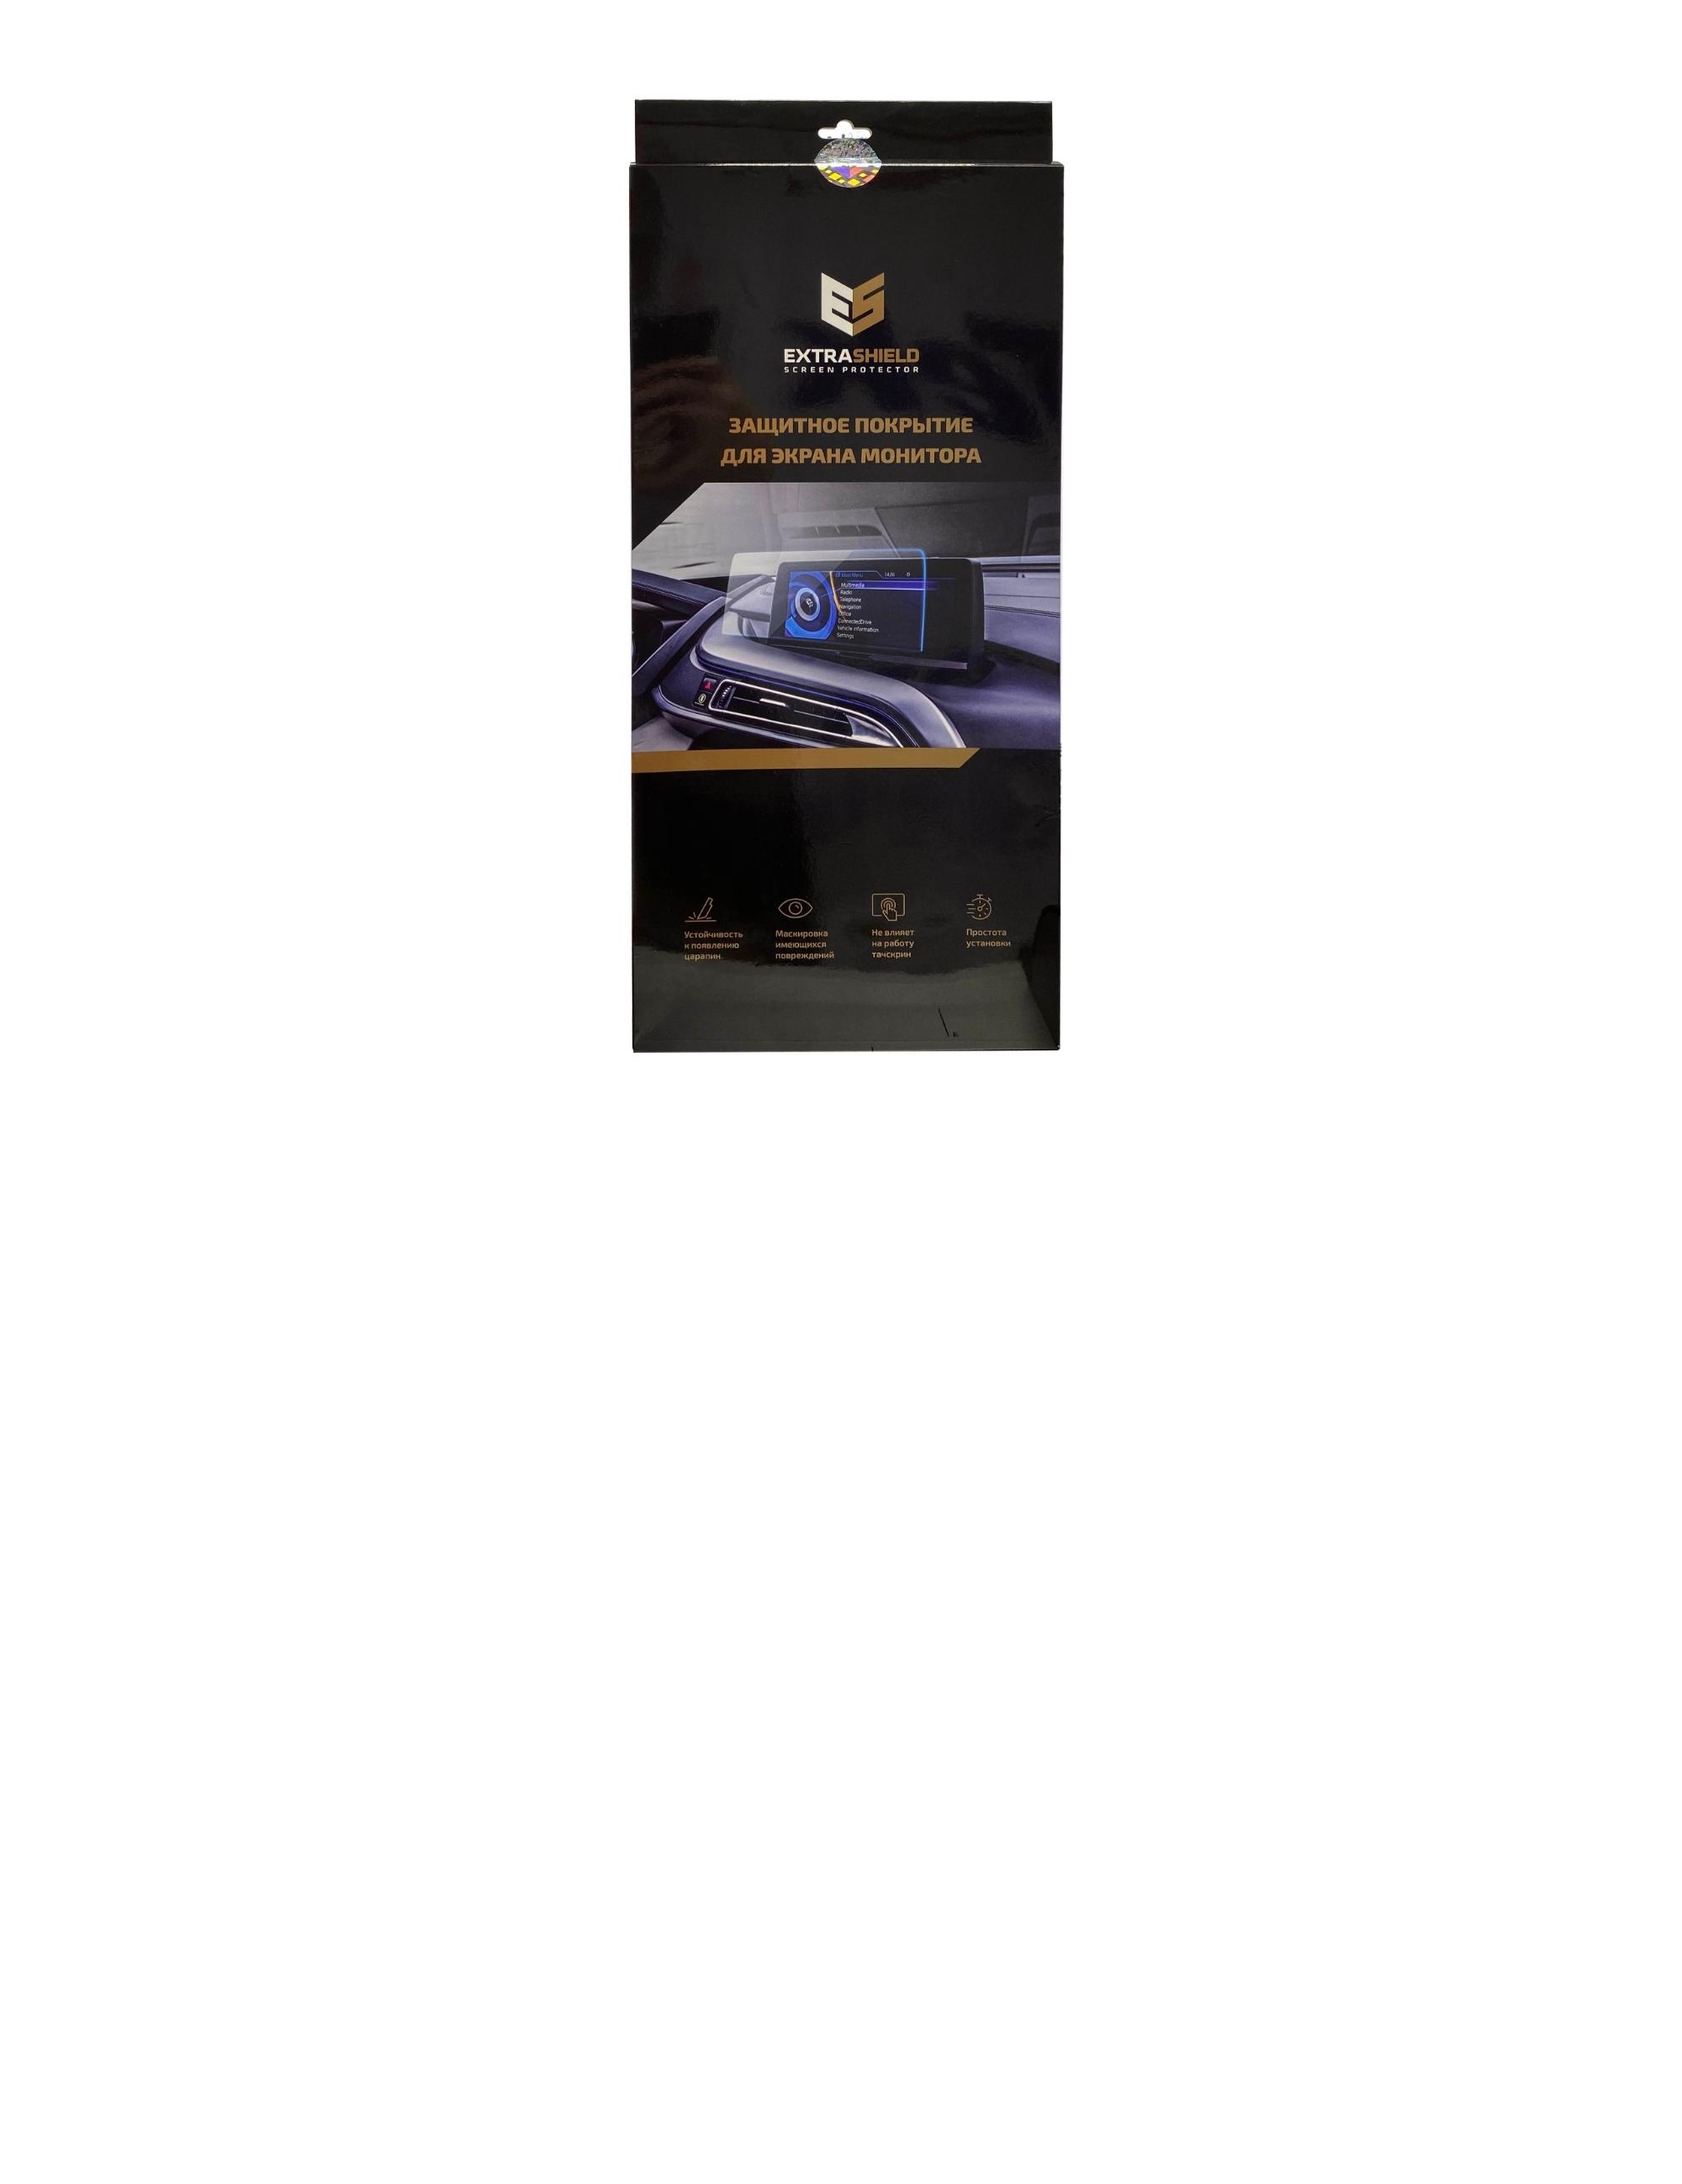 Mercedes-Benz C-class (W205) дорейсталинг 2014 - 2018 мультимедиа 7 Защитное стекло Глянец